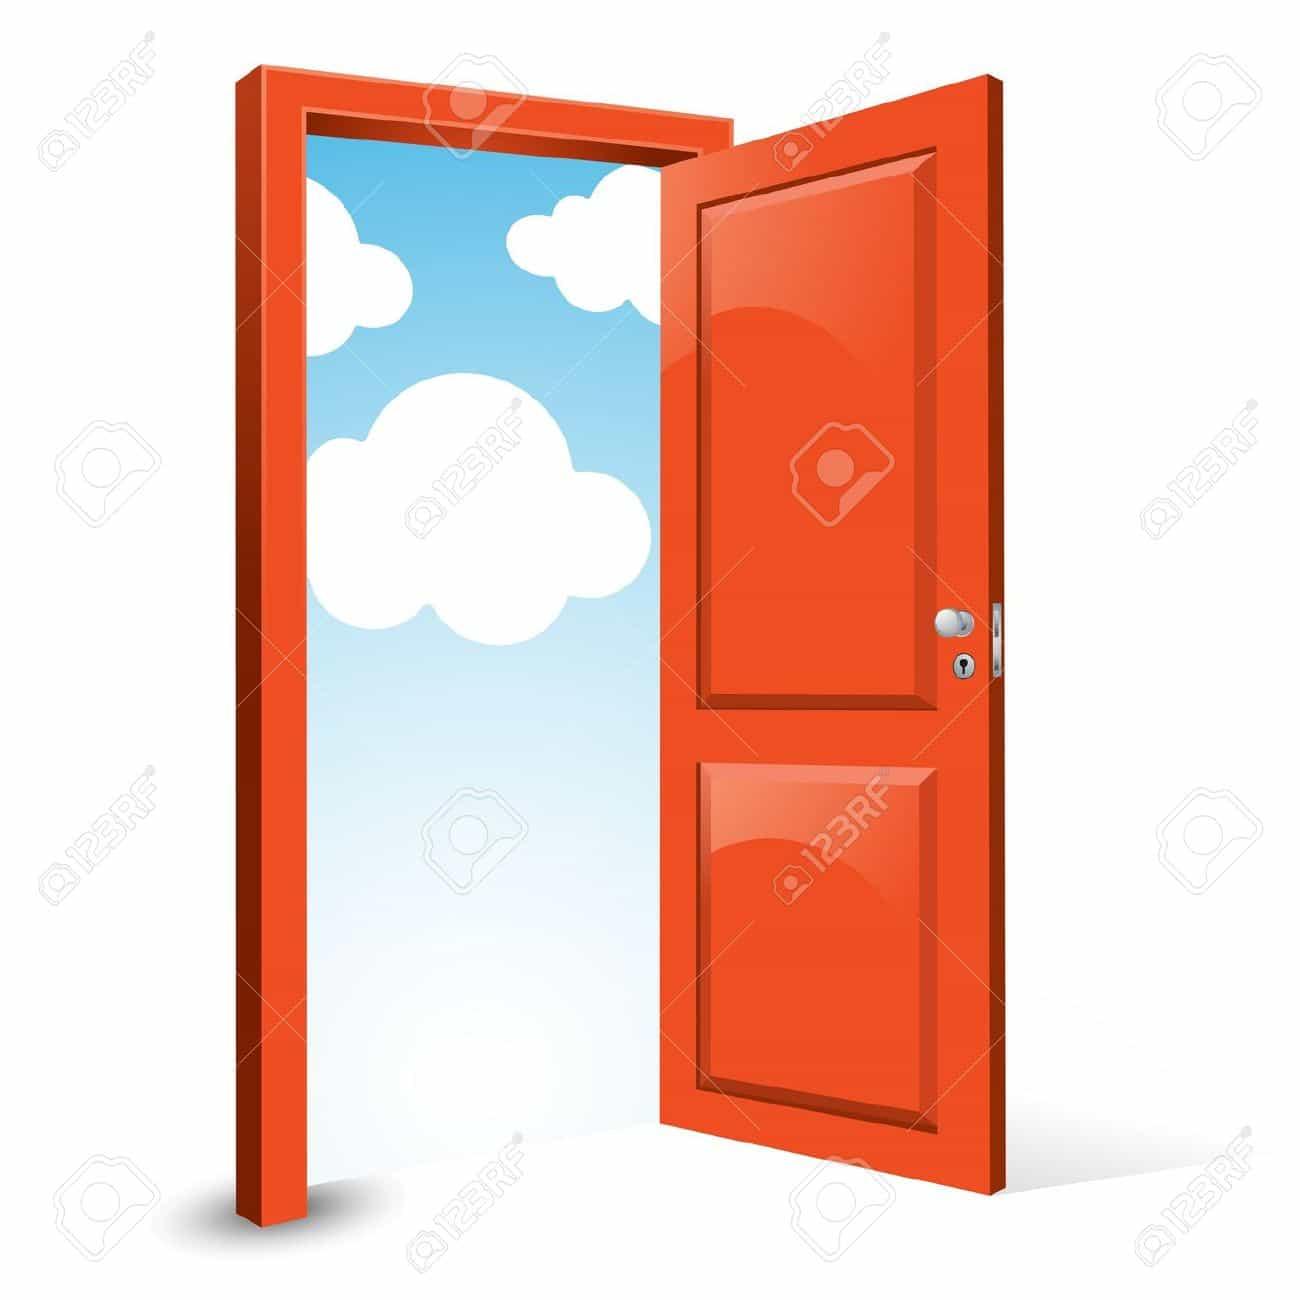 Двери с облаками